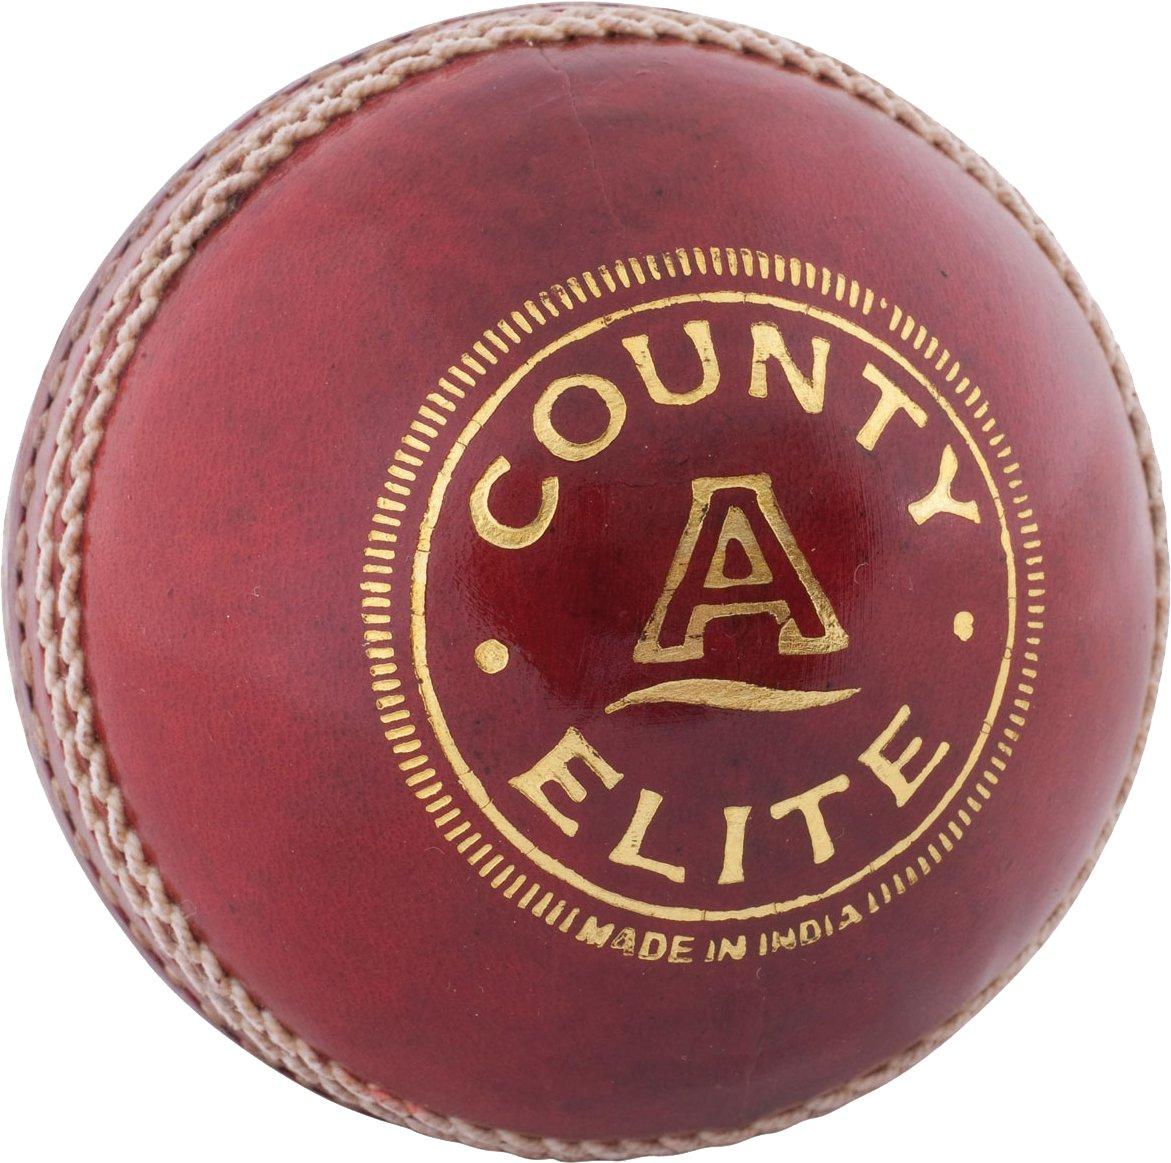 Only lecteurs de Elite 'A' Balle de cricket–Cuir de qualité Lit avec jeu Match * * * NEUF